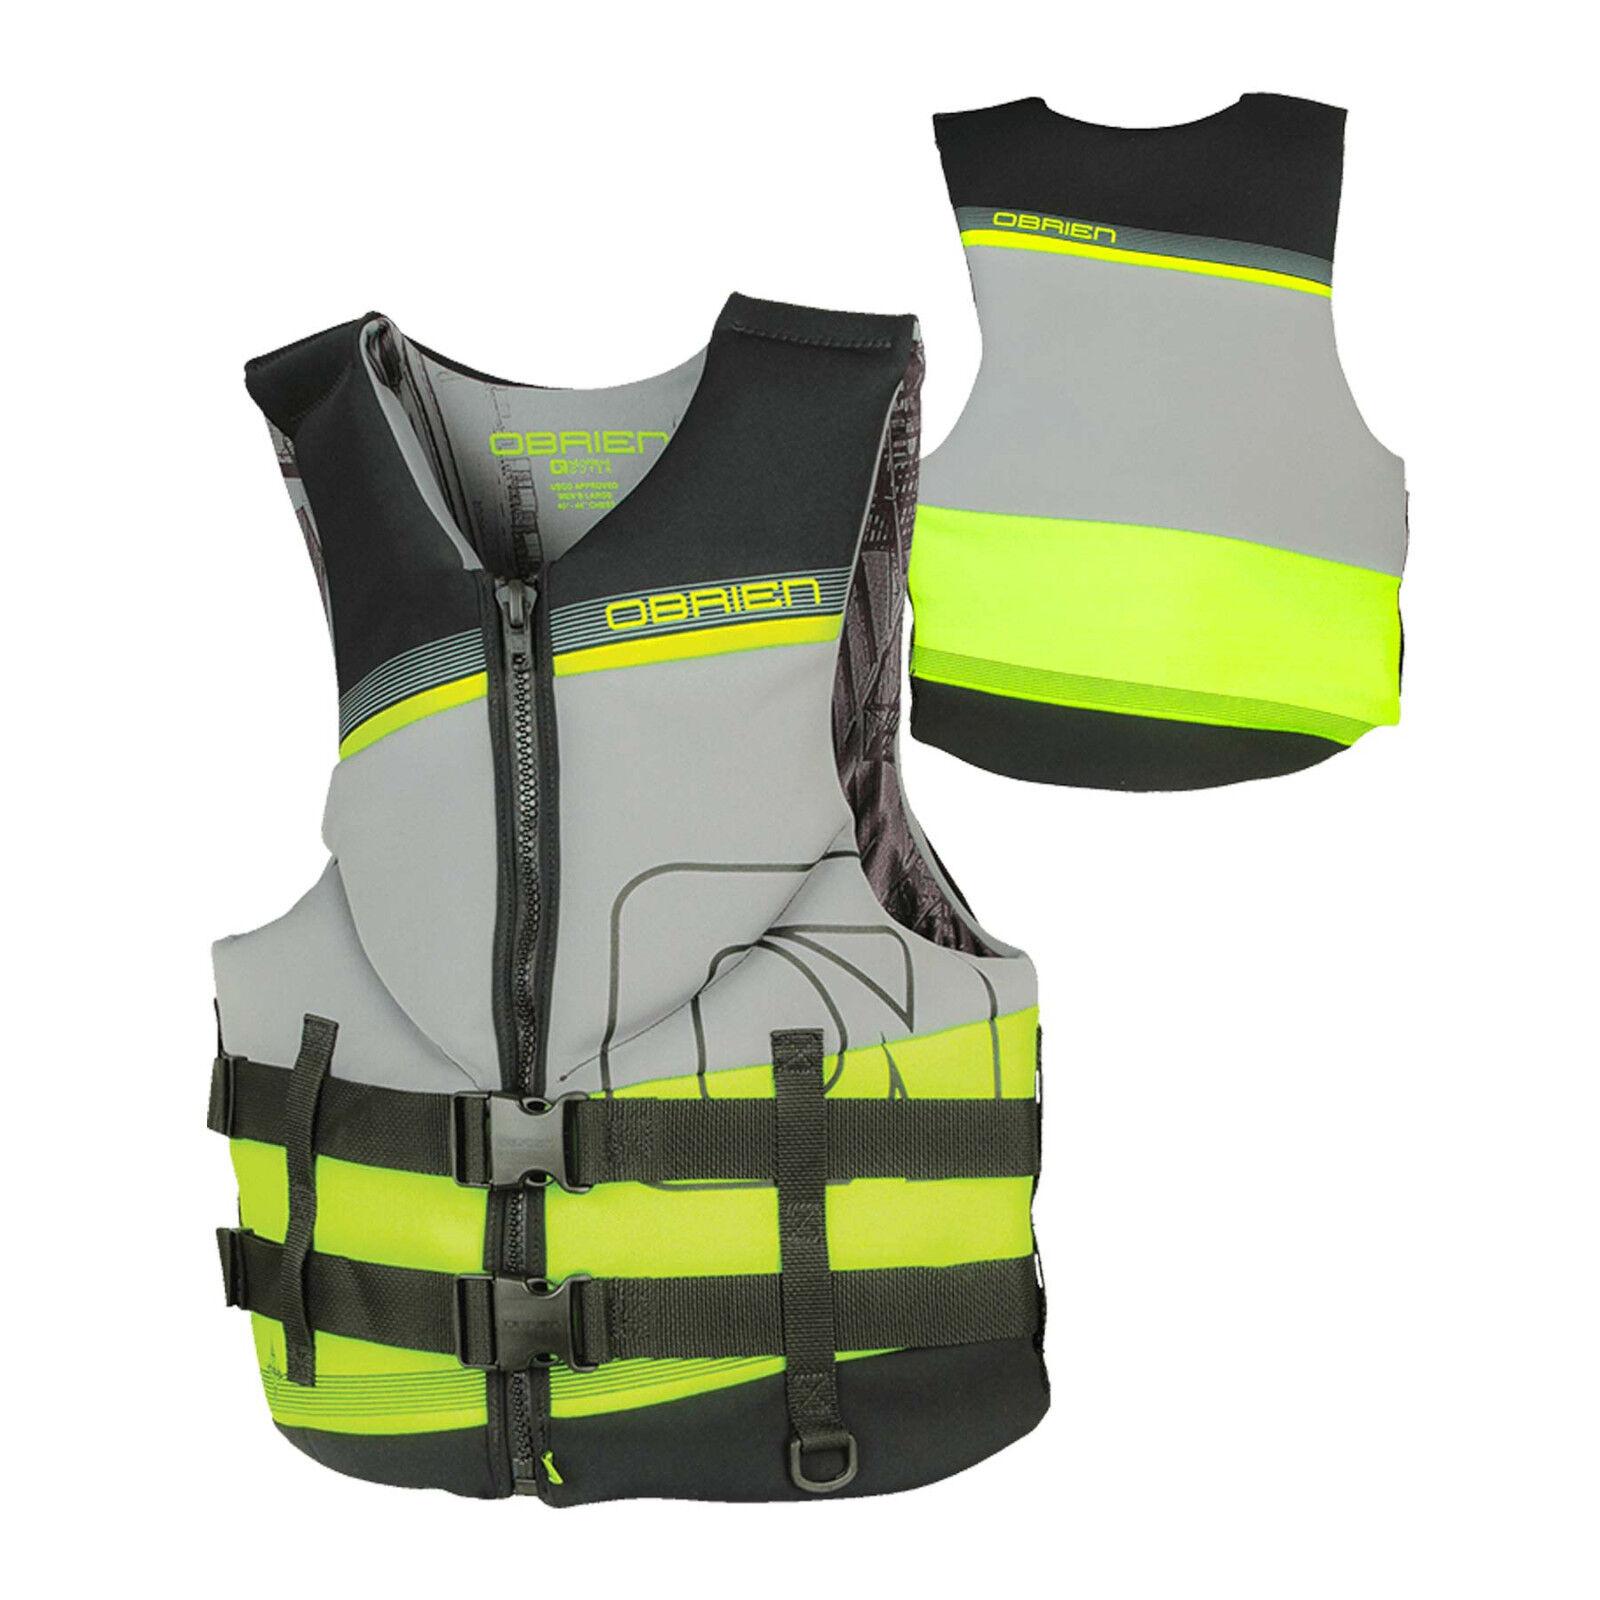 New O'Brien Mens Tech Life Jacket / Vest